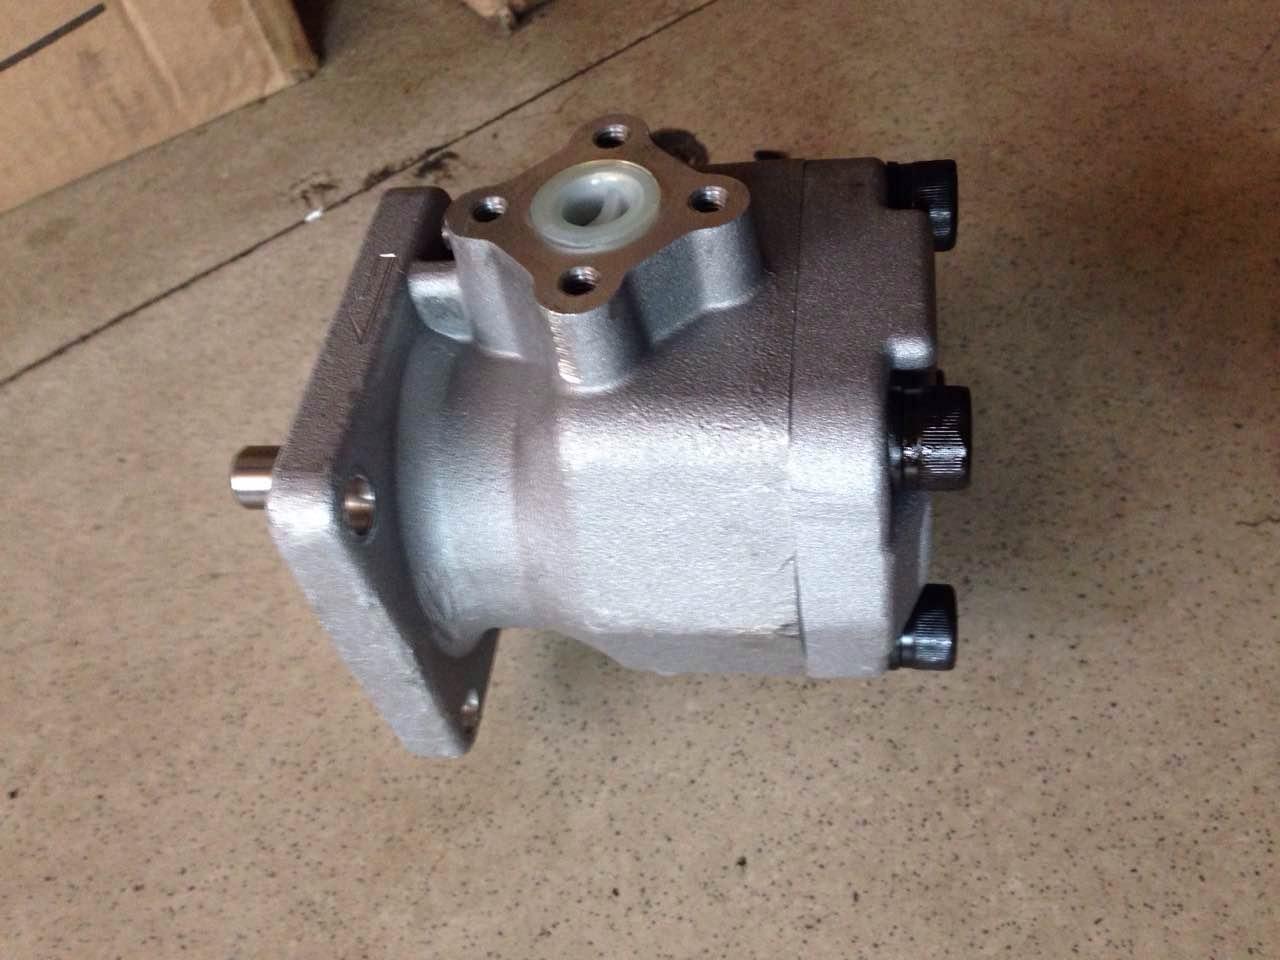 【液压系统】中液压泵产生噪音过大,影响的主要原因有哪些?